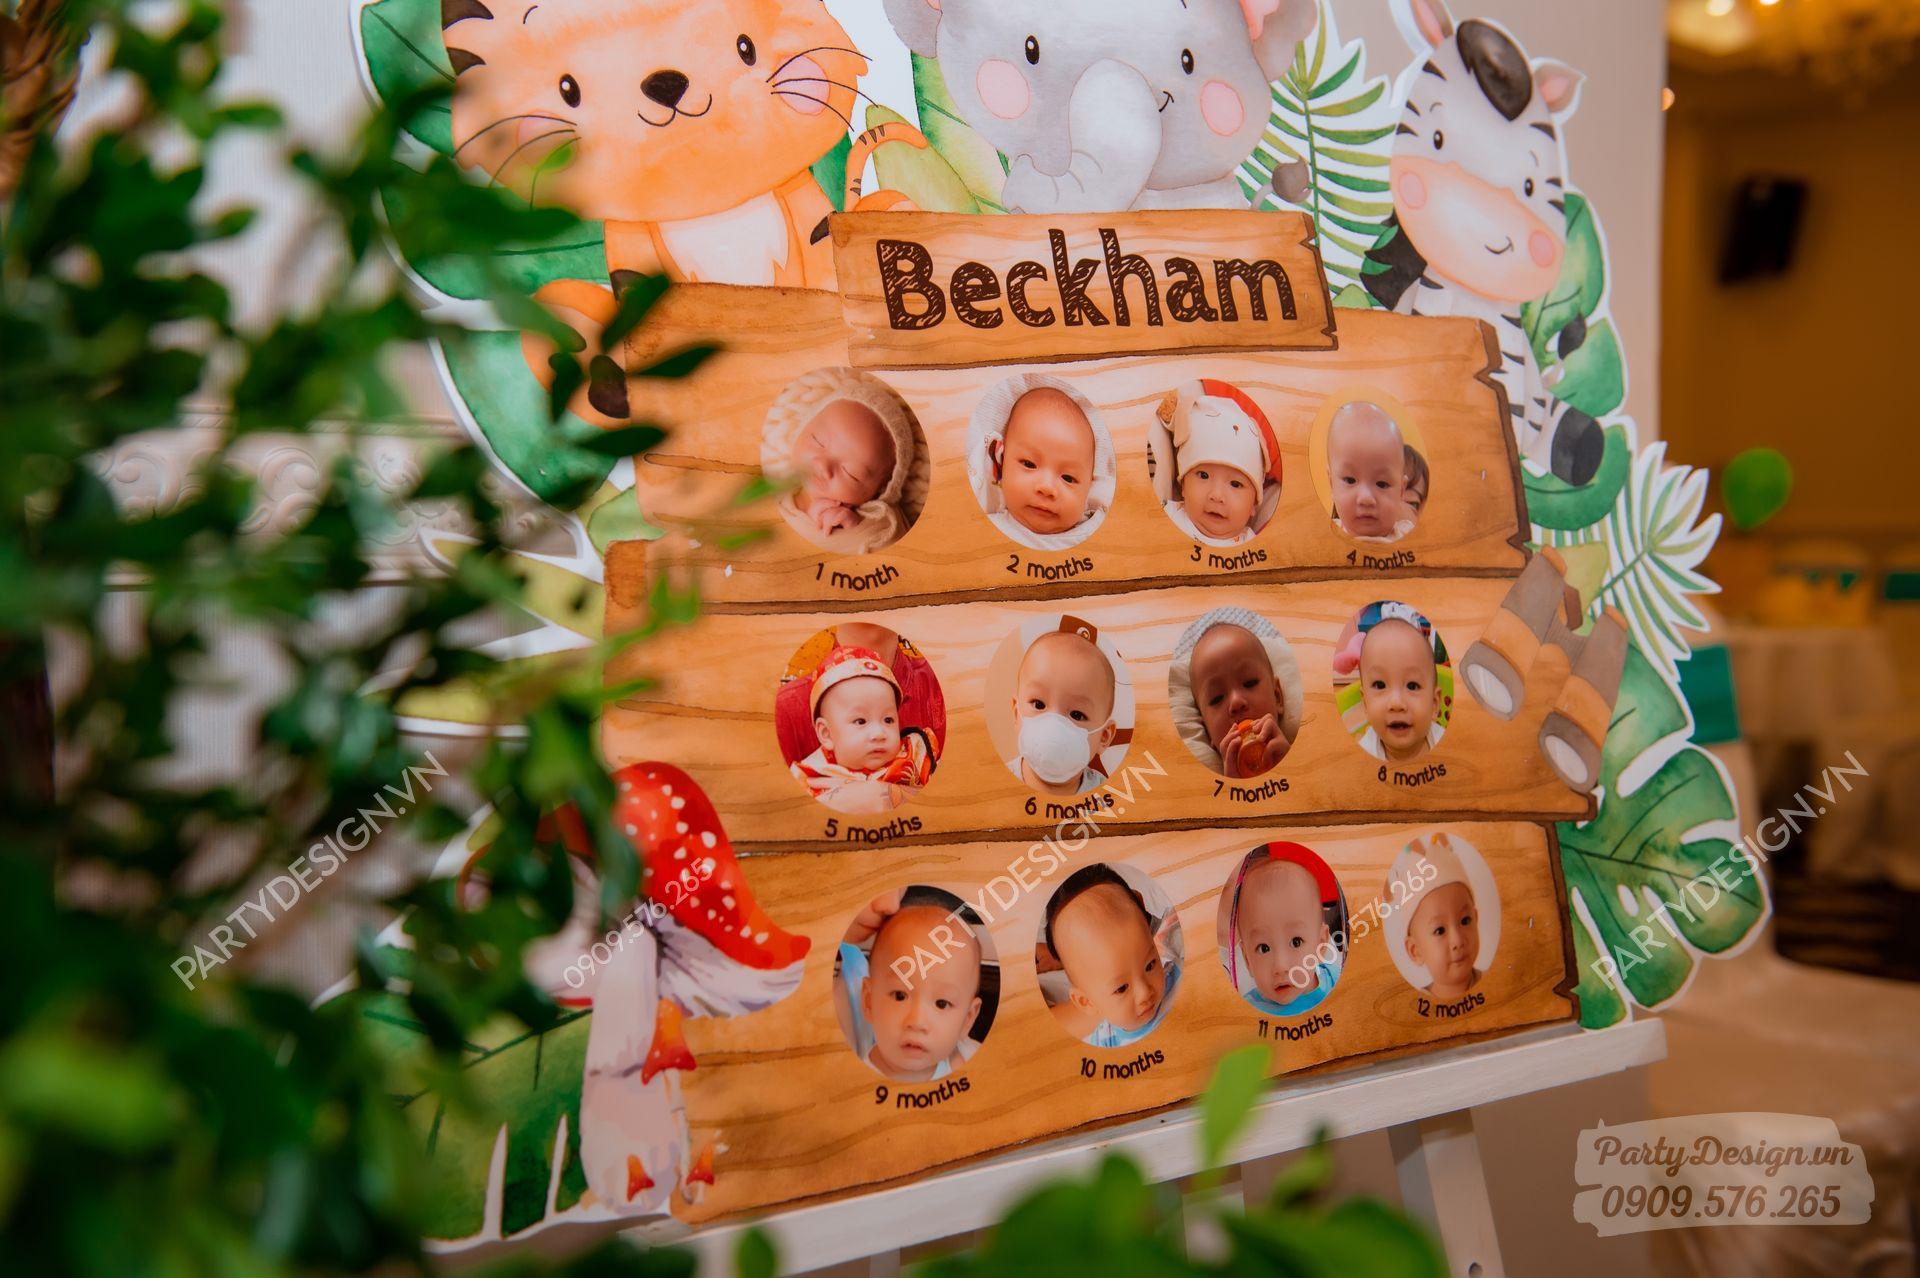 Khung hình 12 tháng Safari Rừng Xanh - bé Beckham